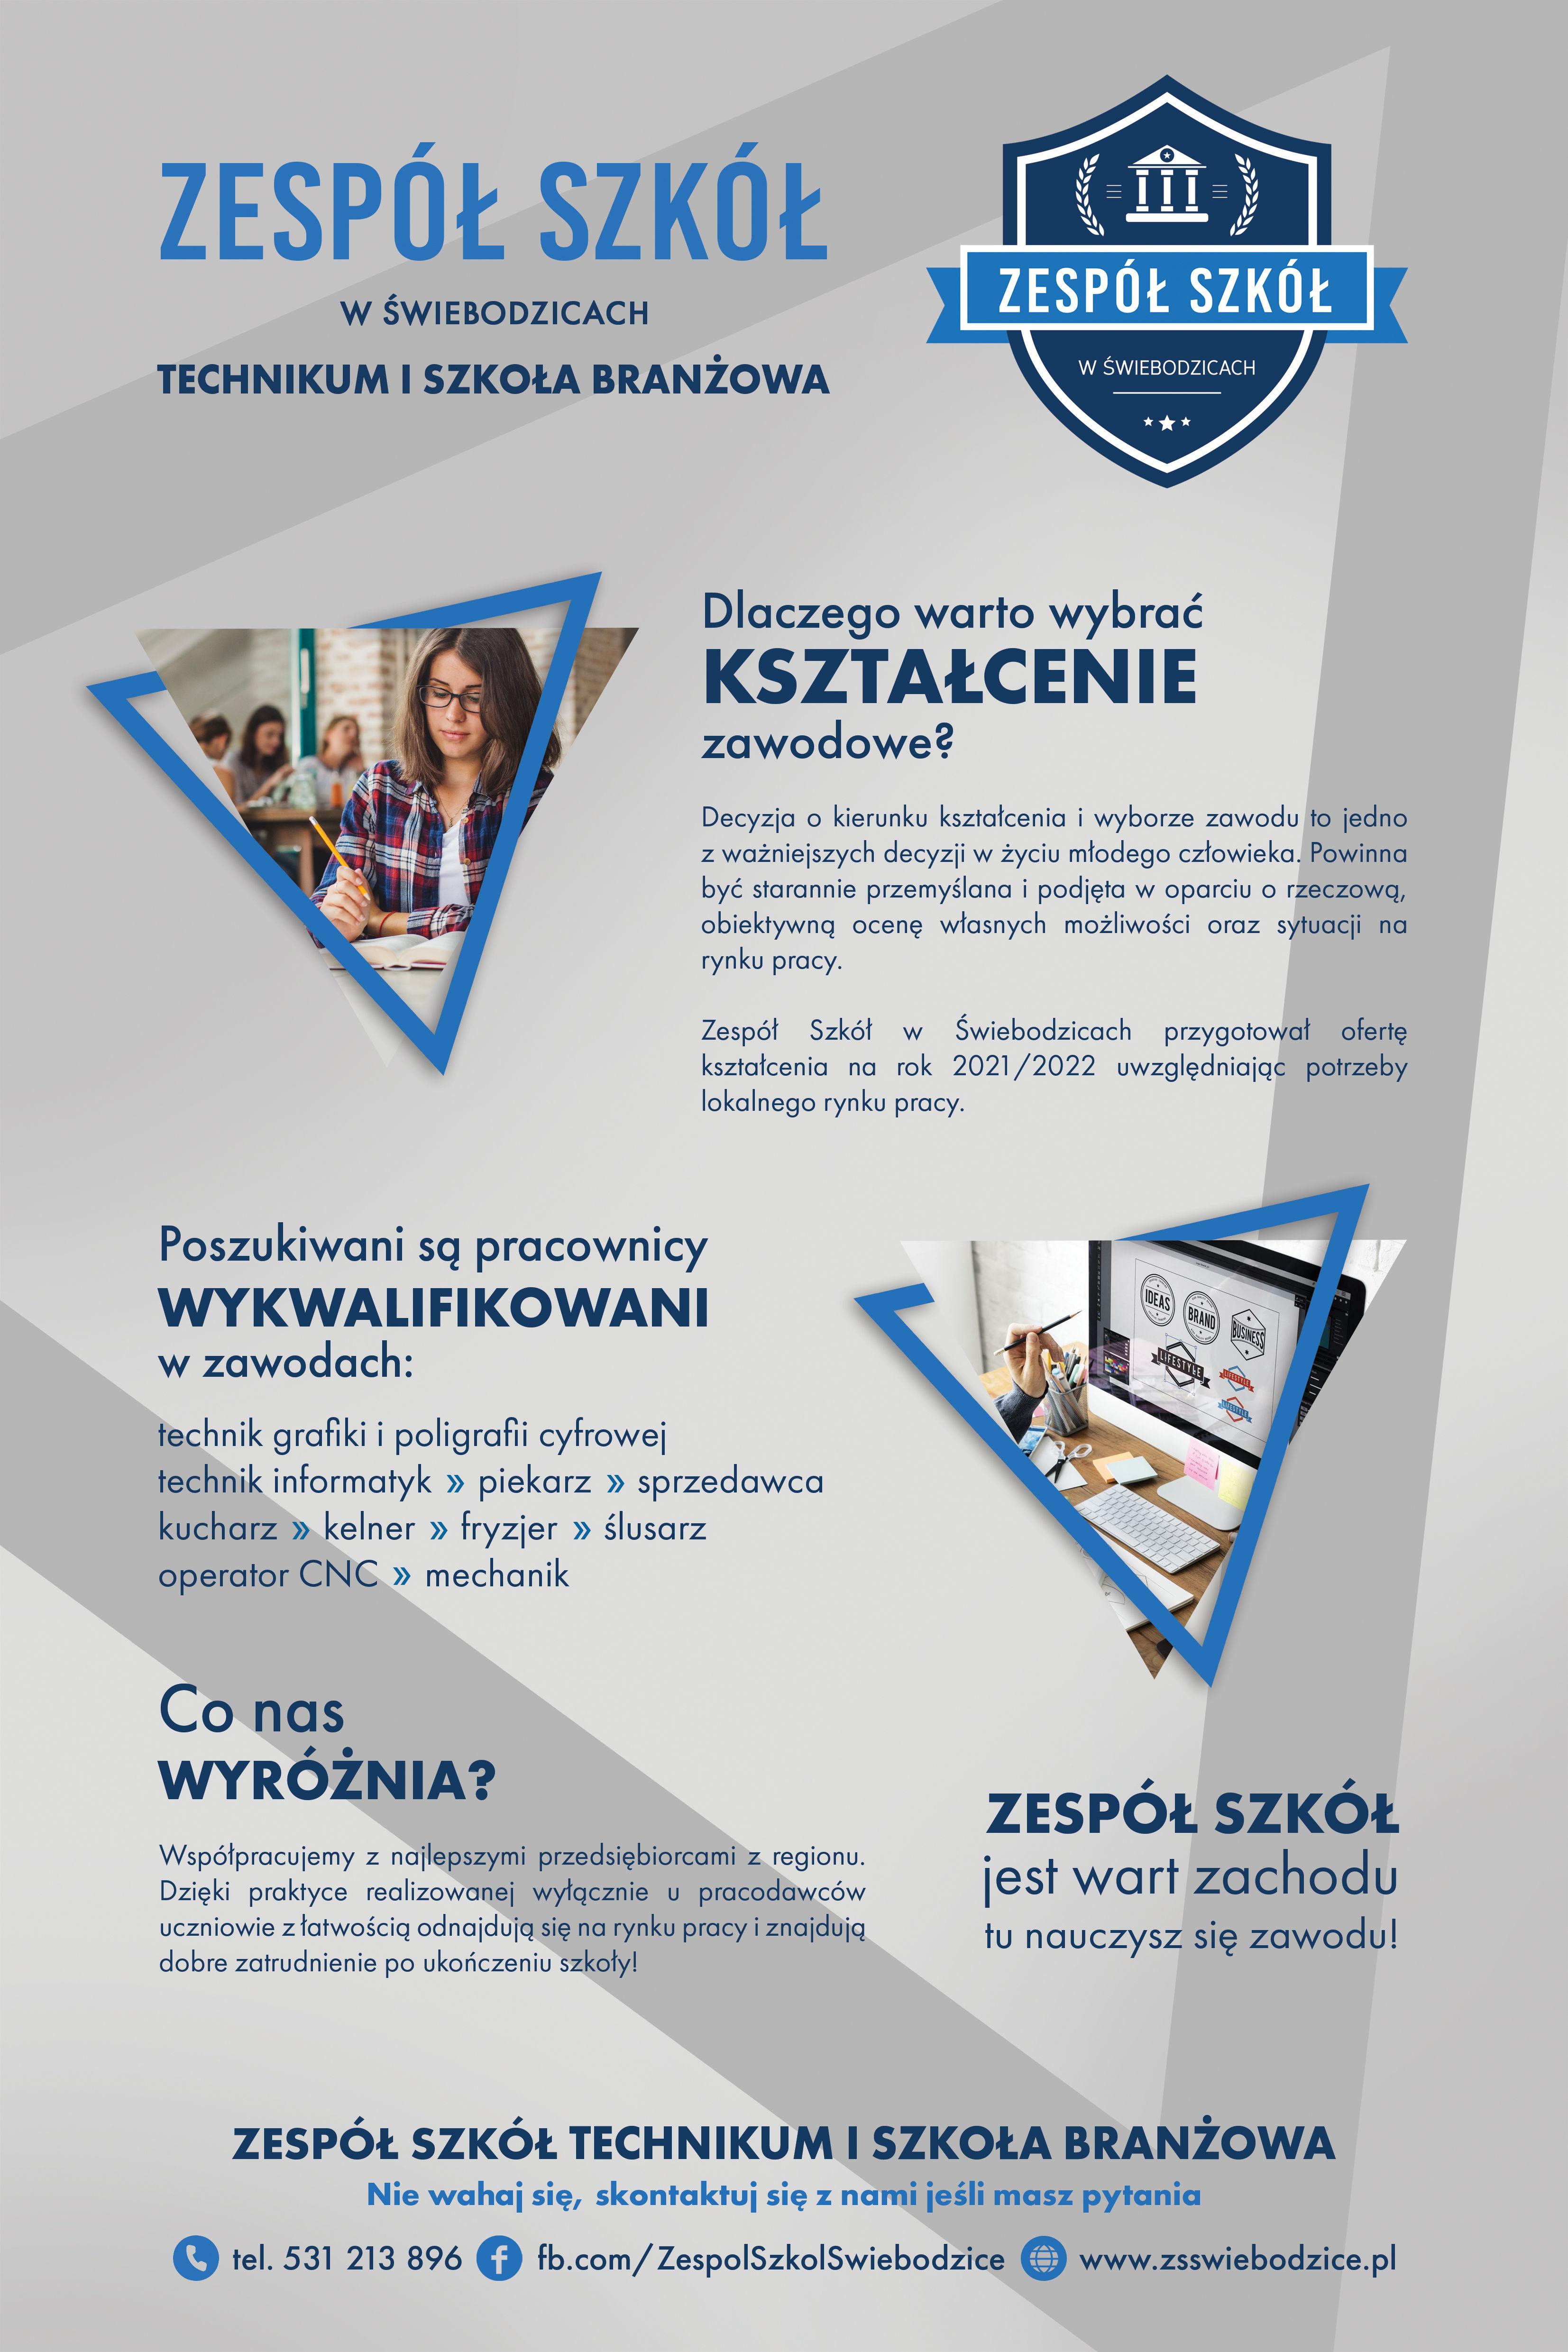 plakat Zespołu Szkół w Świebodzicach